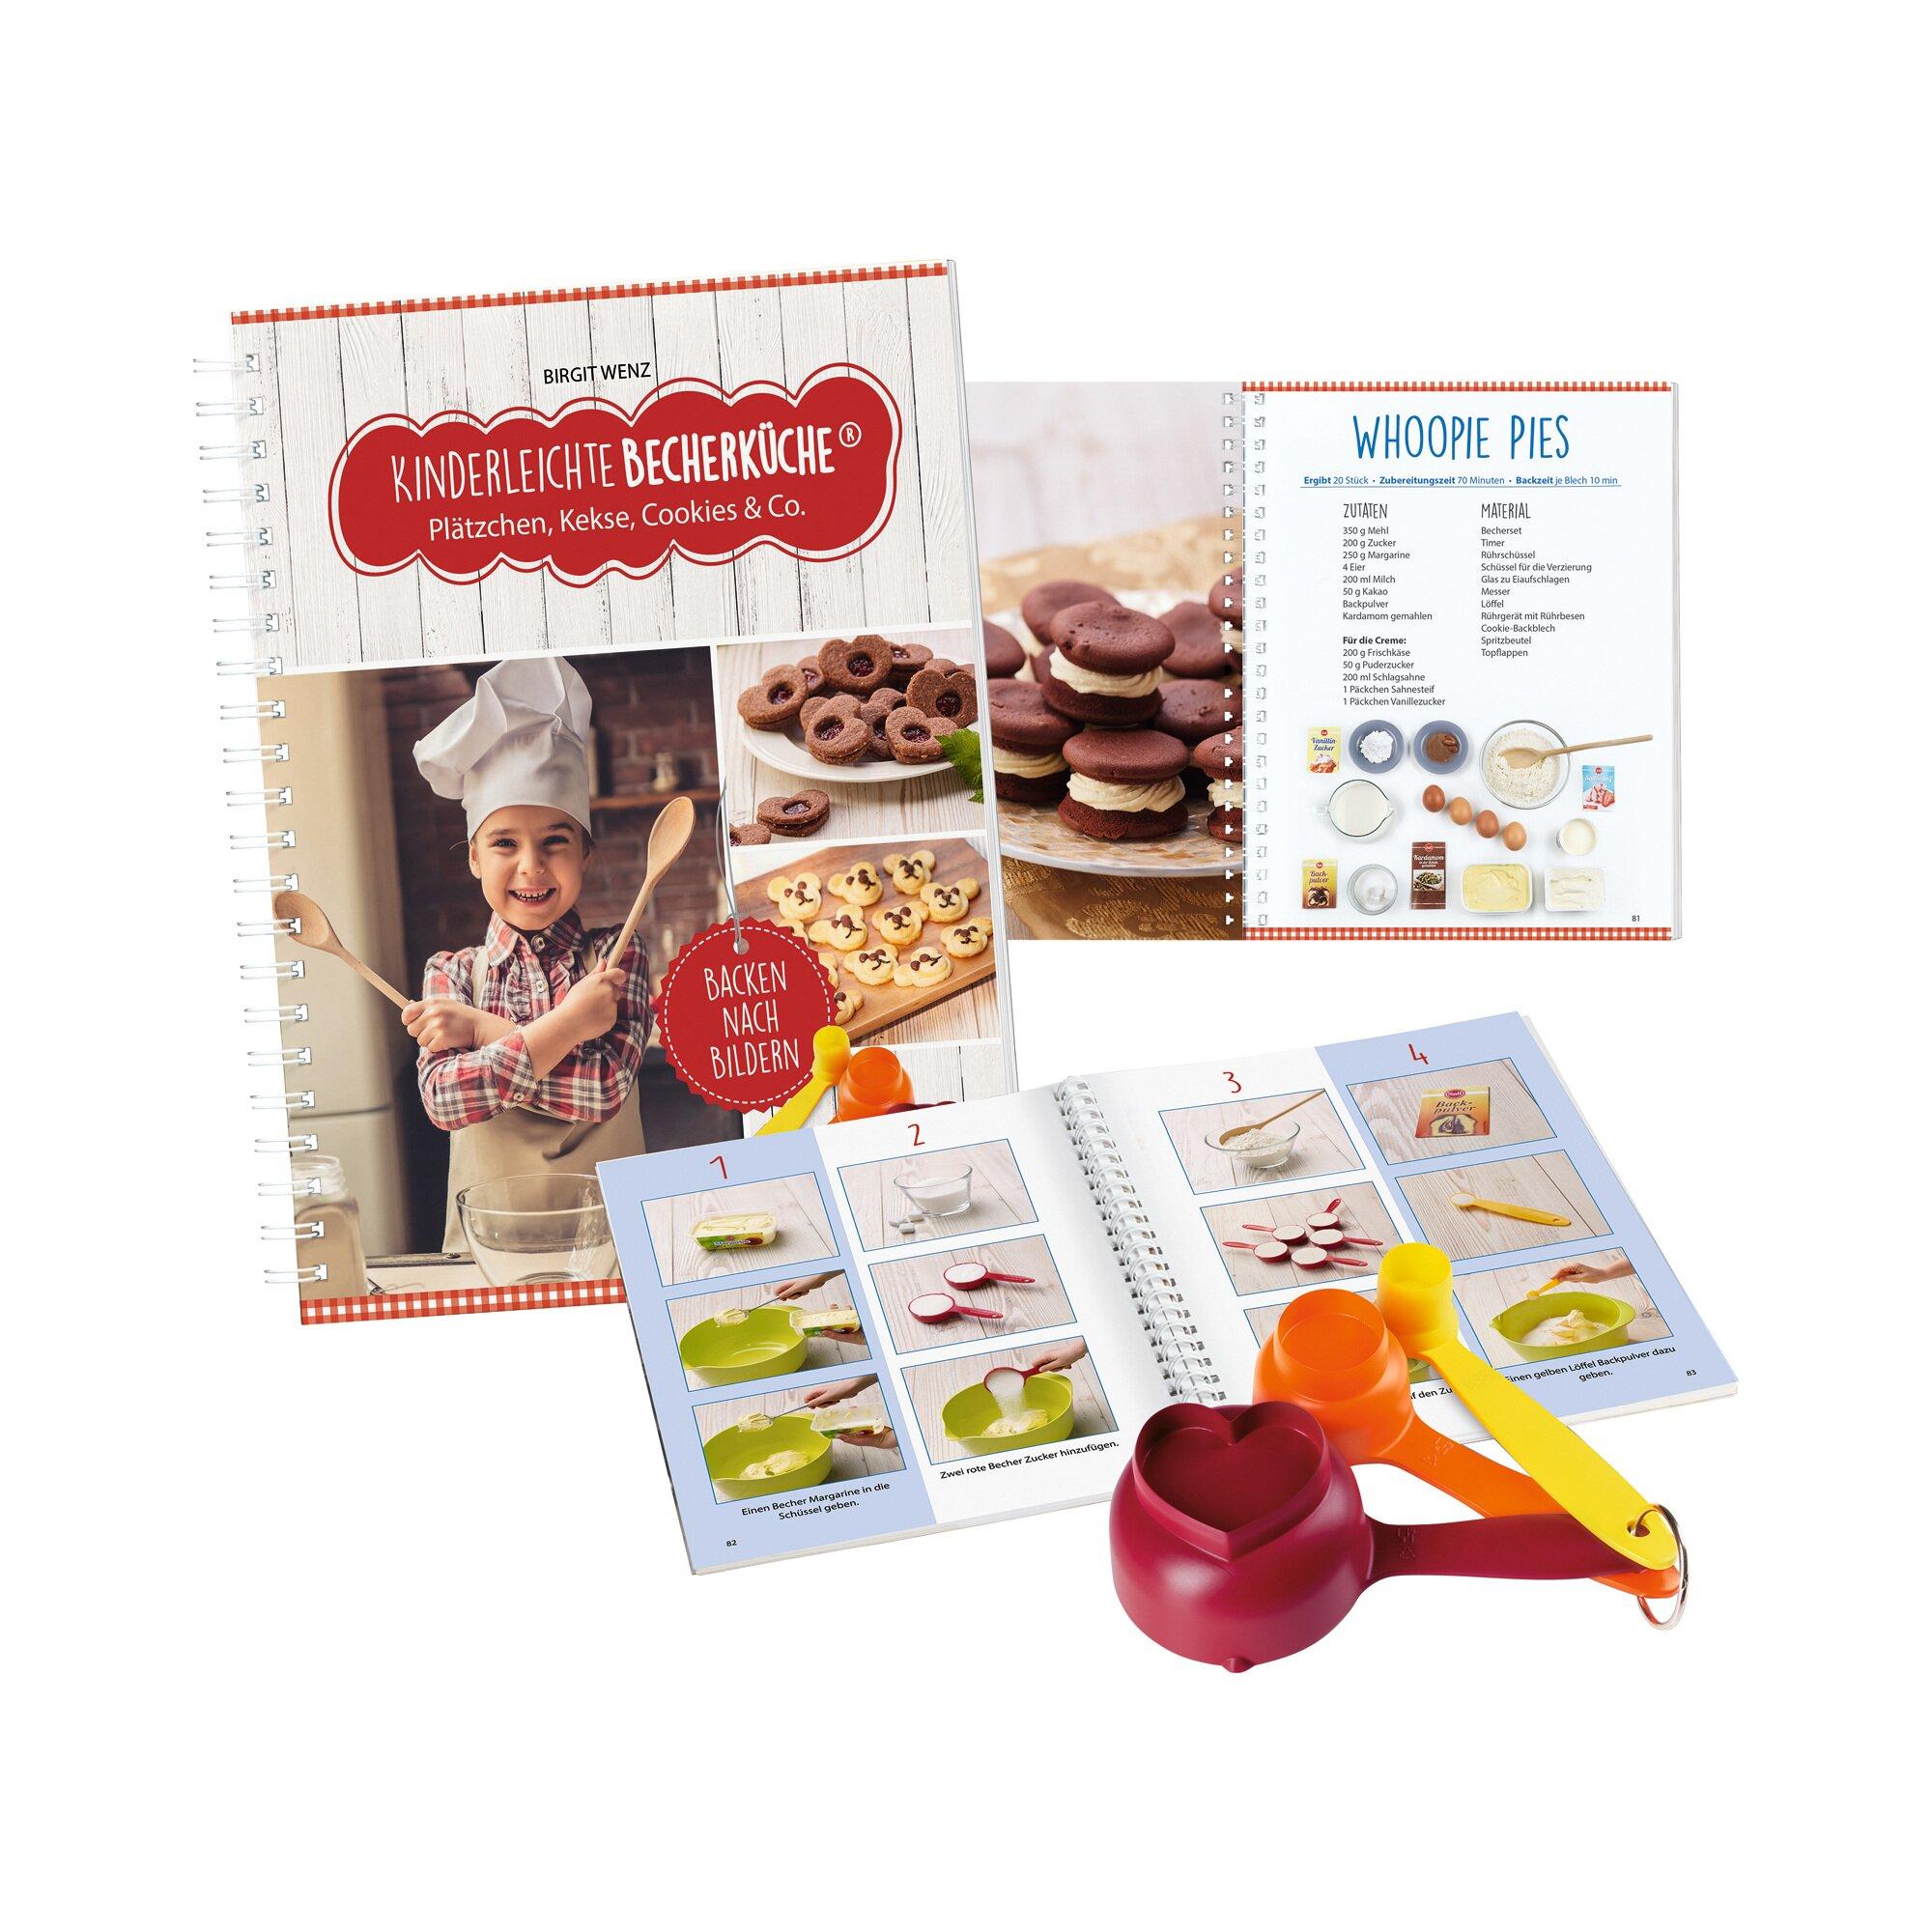 4-tlg-back-set-kinderleichte-becherkuche-platzchen